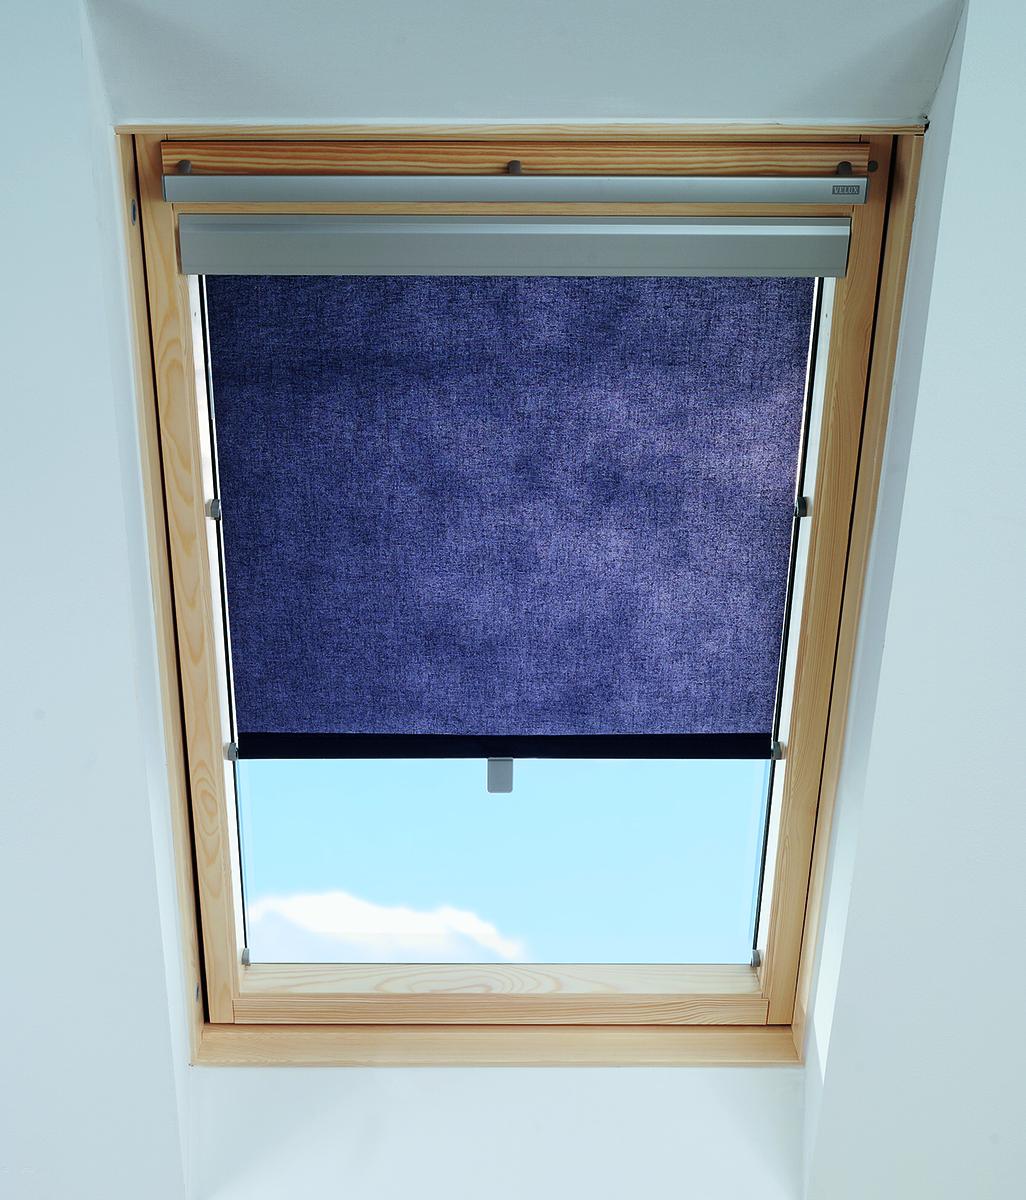 Store Rideau Enrouleur Pour Fenêtre de Toit VELUX de ITZALA | eBay